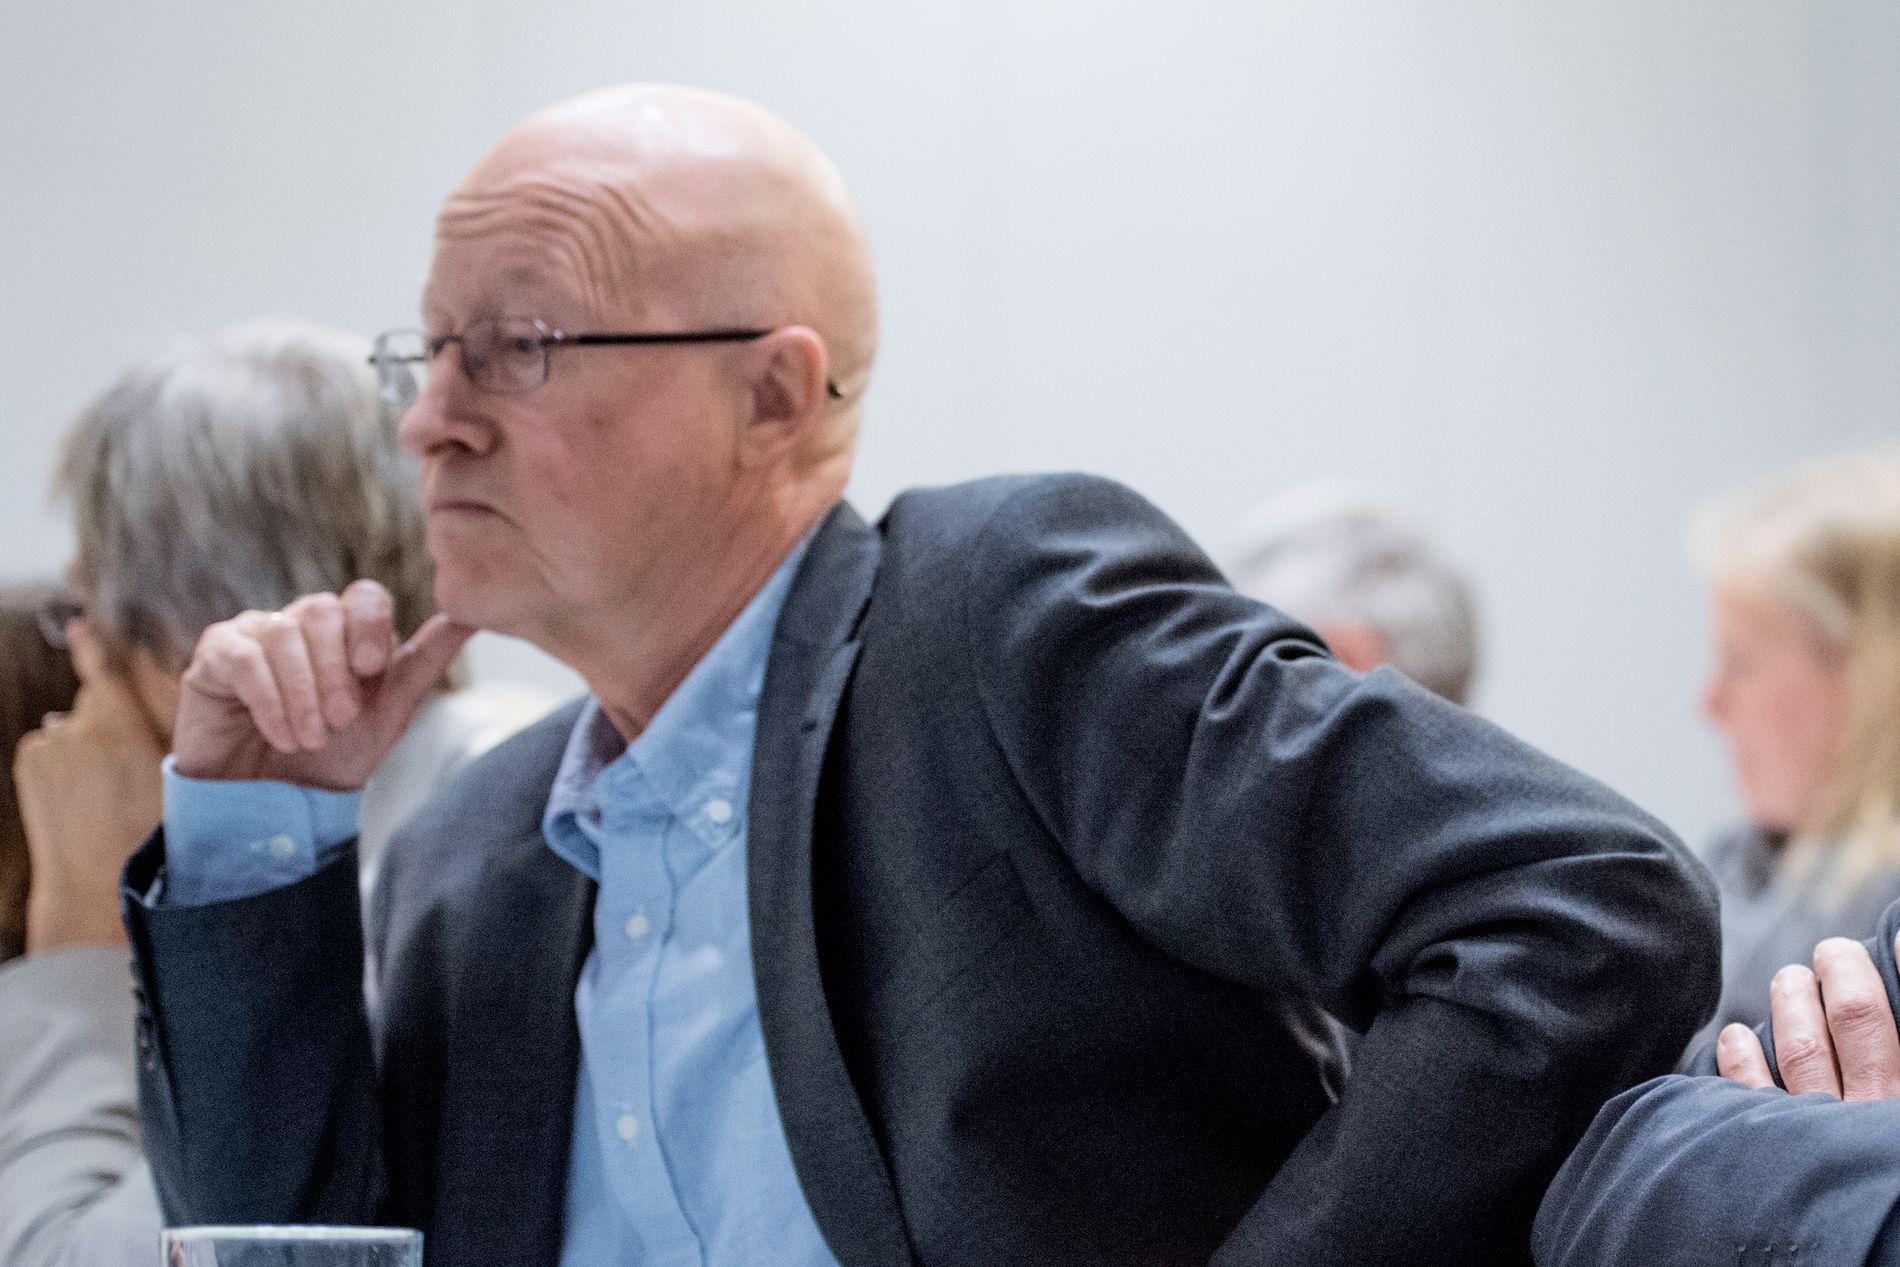 SVAKHET: Ved flere domstoler foregår det barnefaglig spesialisering og kompetanseutvikling, men dette varierer fra domstol til domstol. Det er etter utvalgets oppfatning en systemsvakhet, skriver Geir Kjell Andersland i dette svarinnlegget.